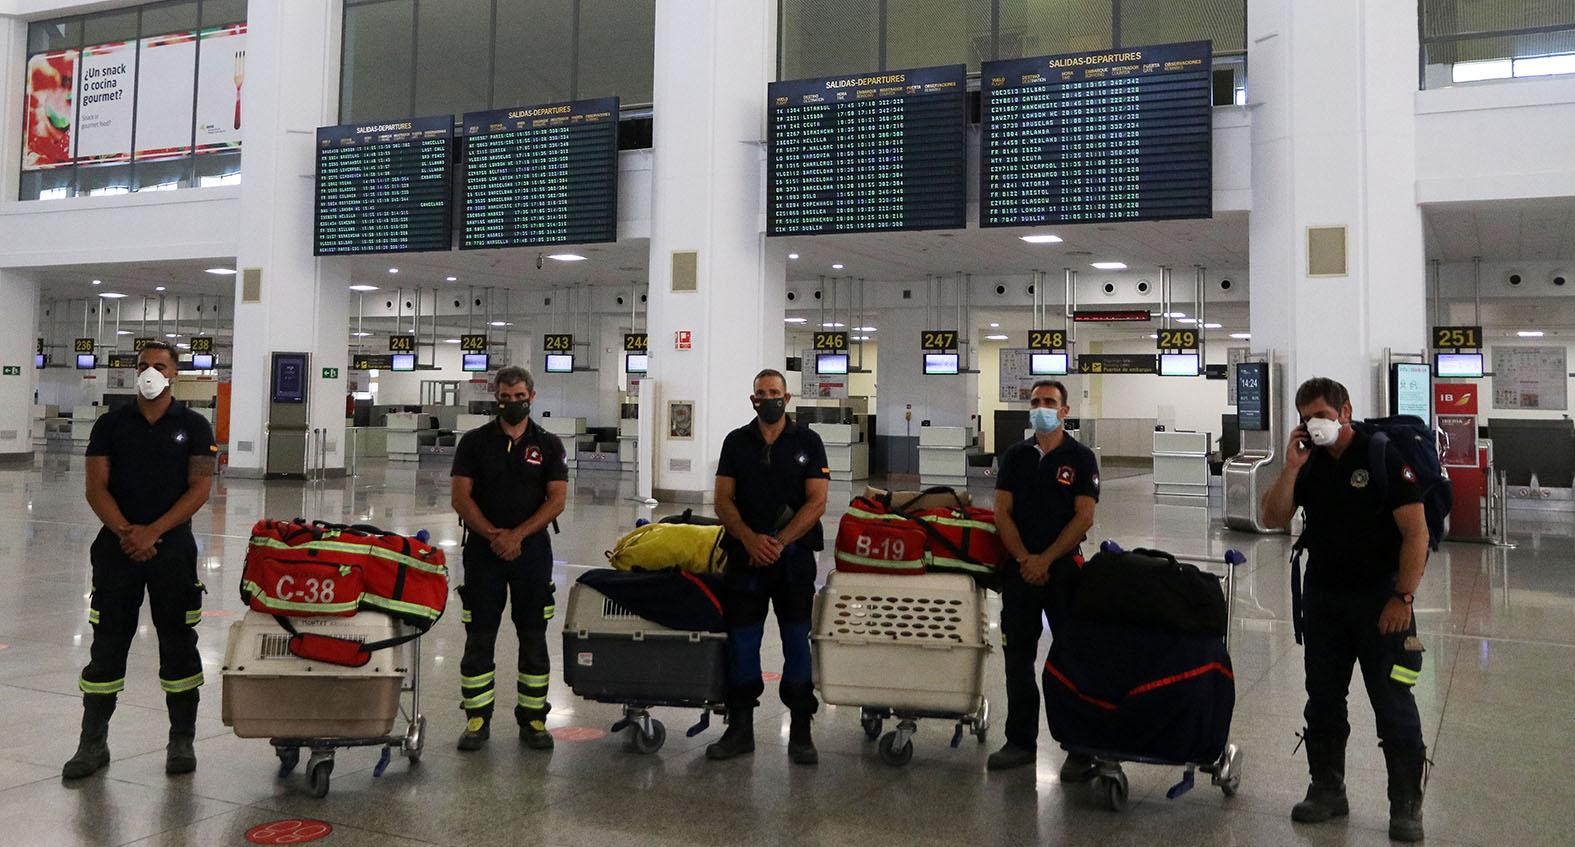 Испанские пожарные ждут рейс на Бейрут, чтобы принять участие в спасательных работах . Фото: Lex Zea/Global Look Press/Keystone Press Agency